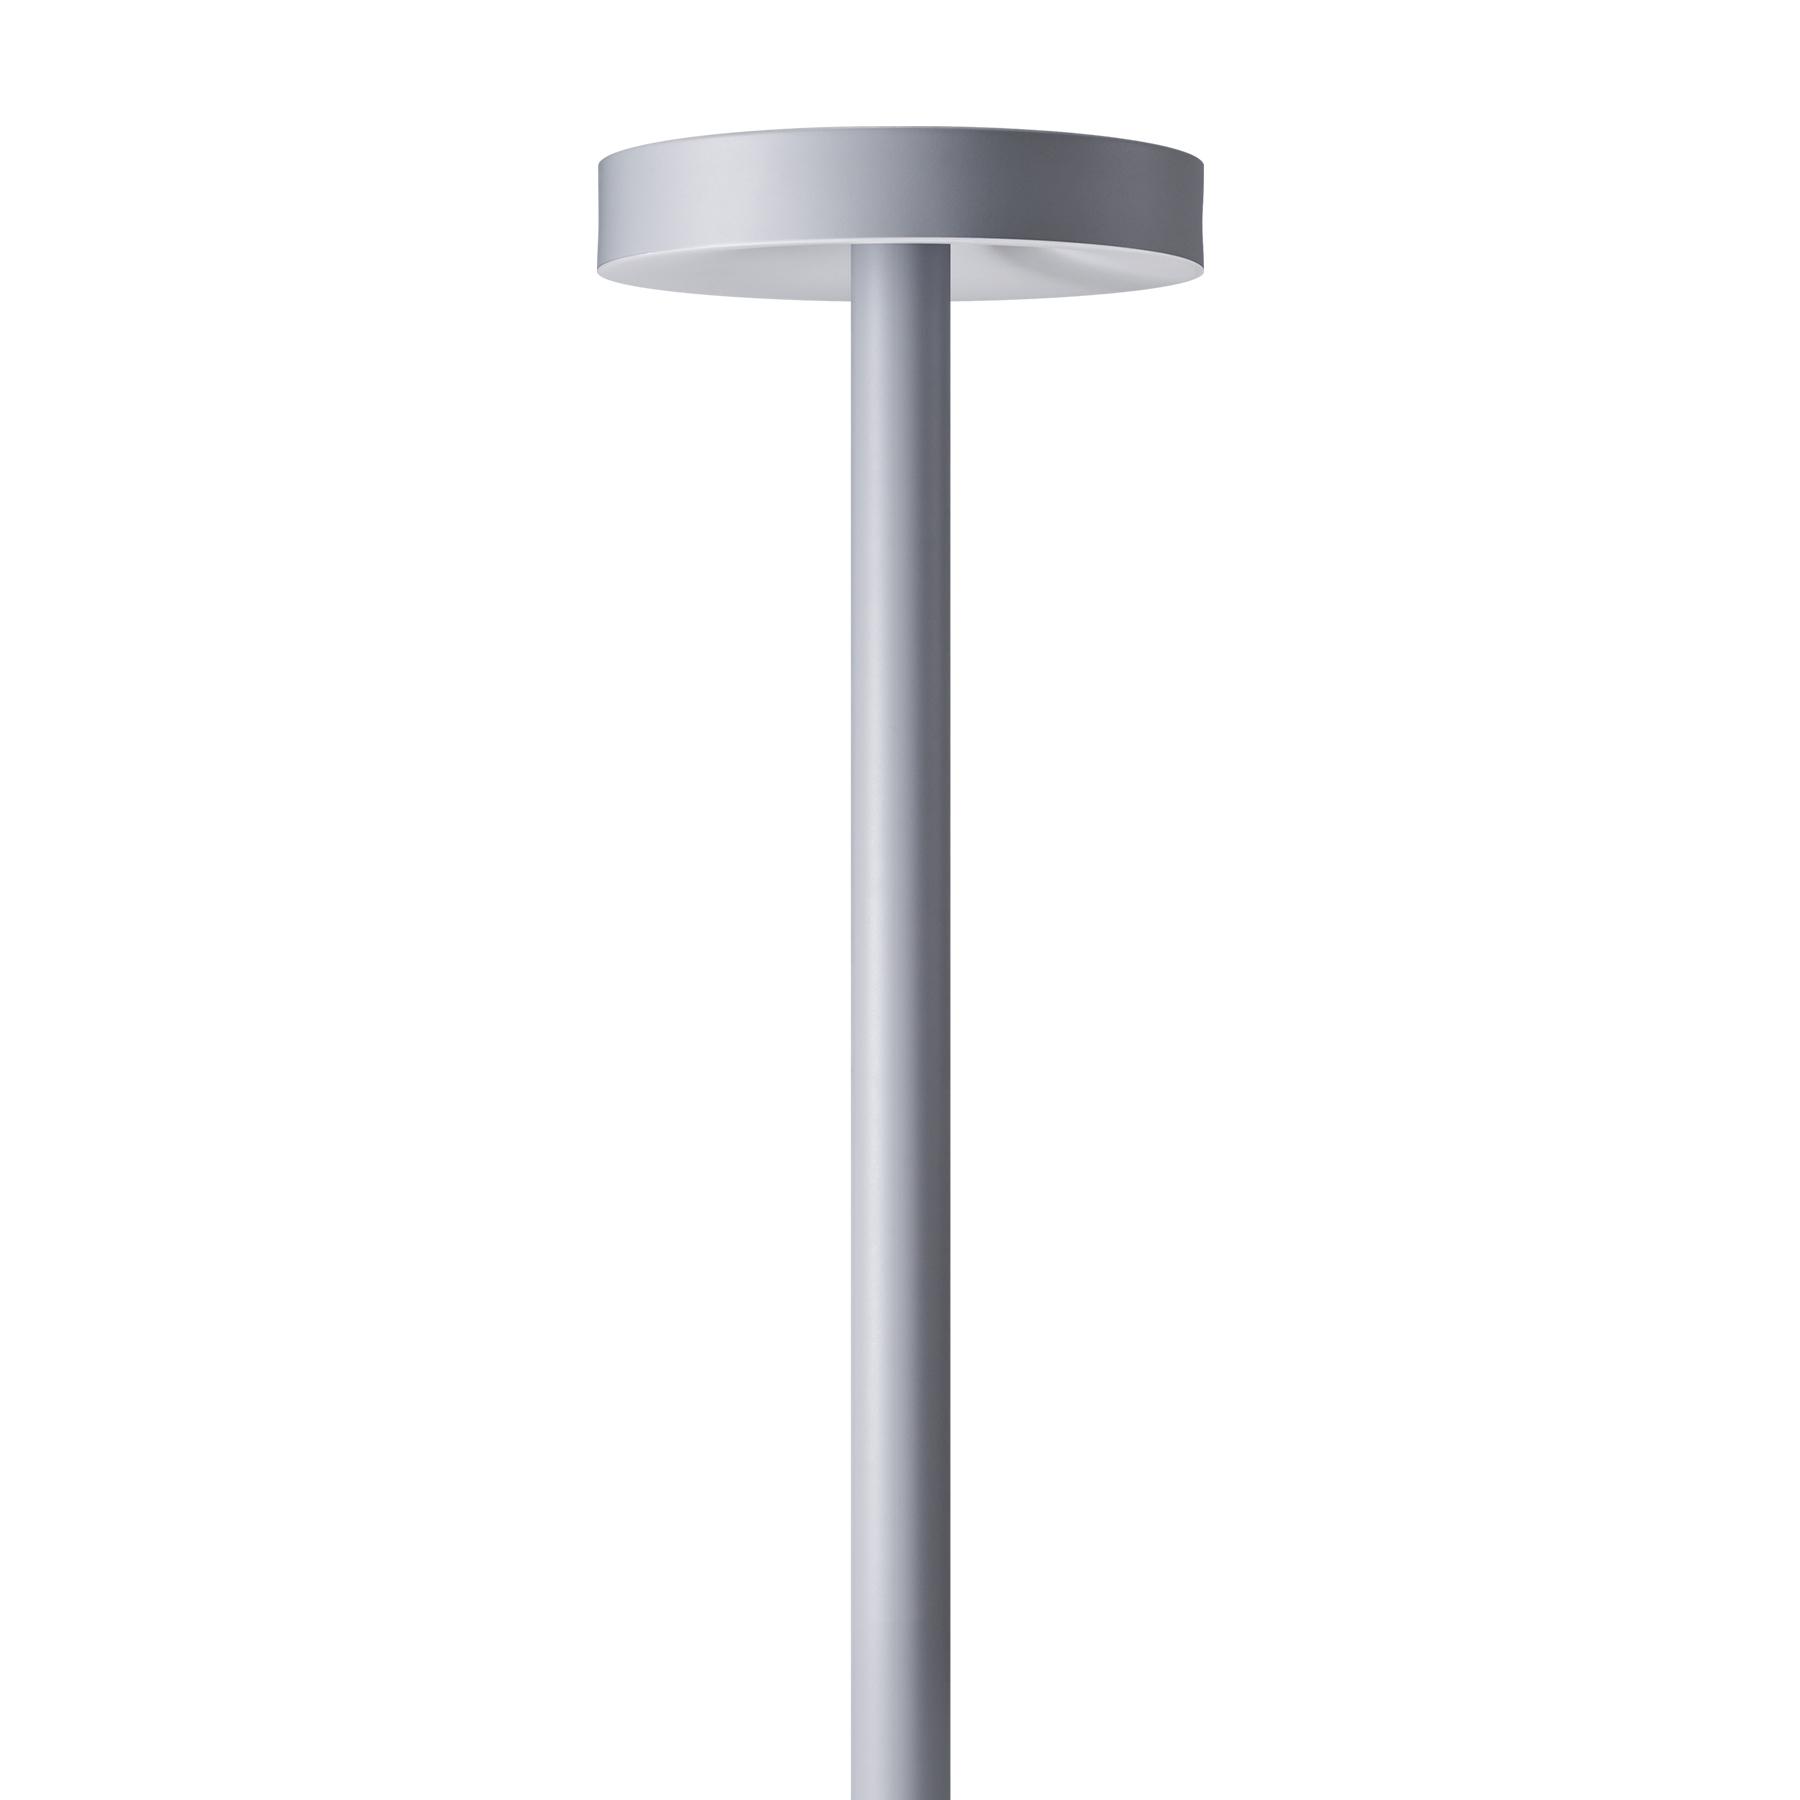 PT-003 - Pole Top Light